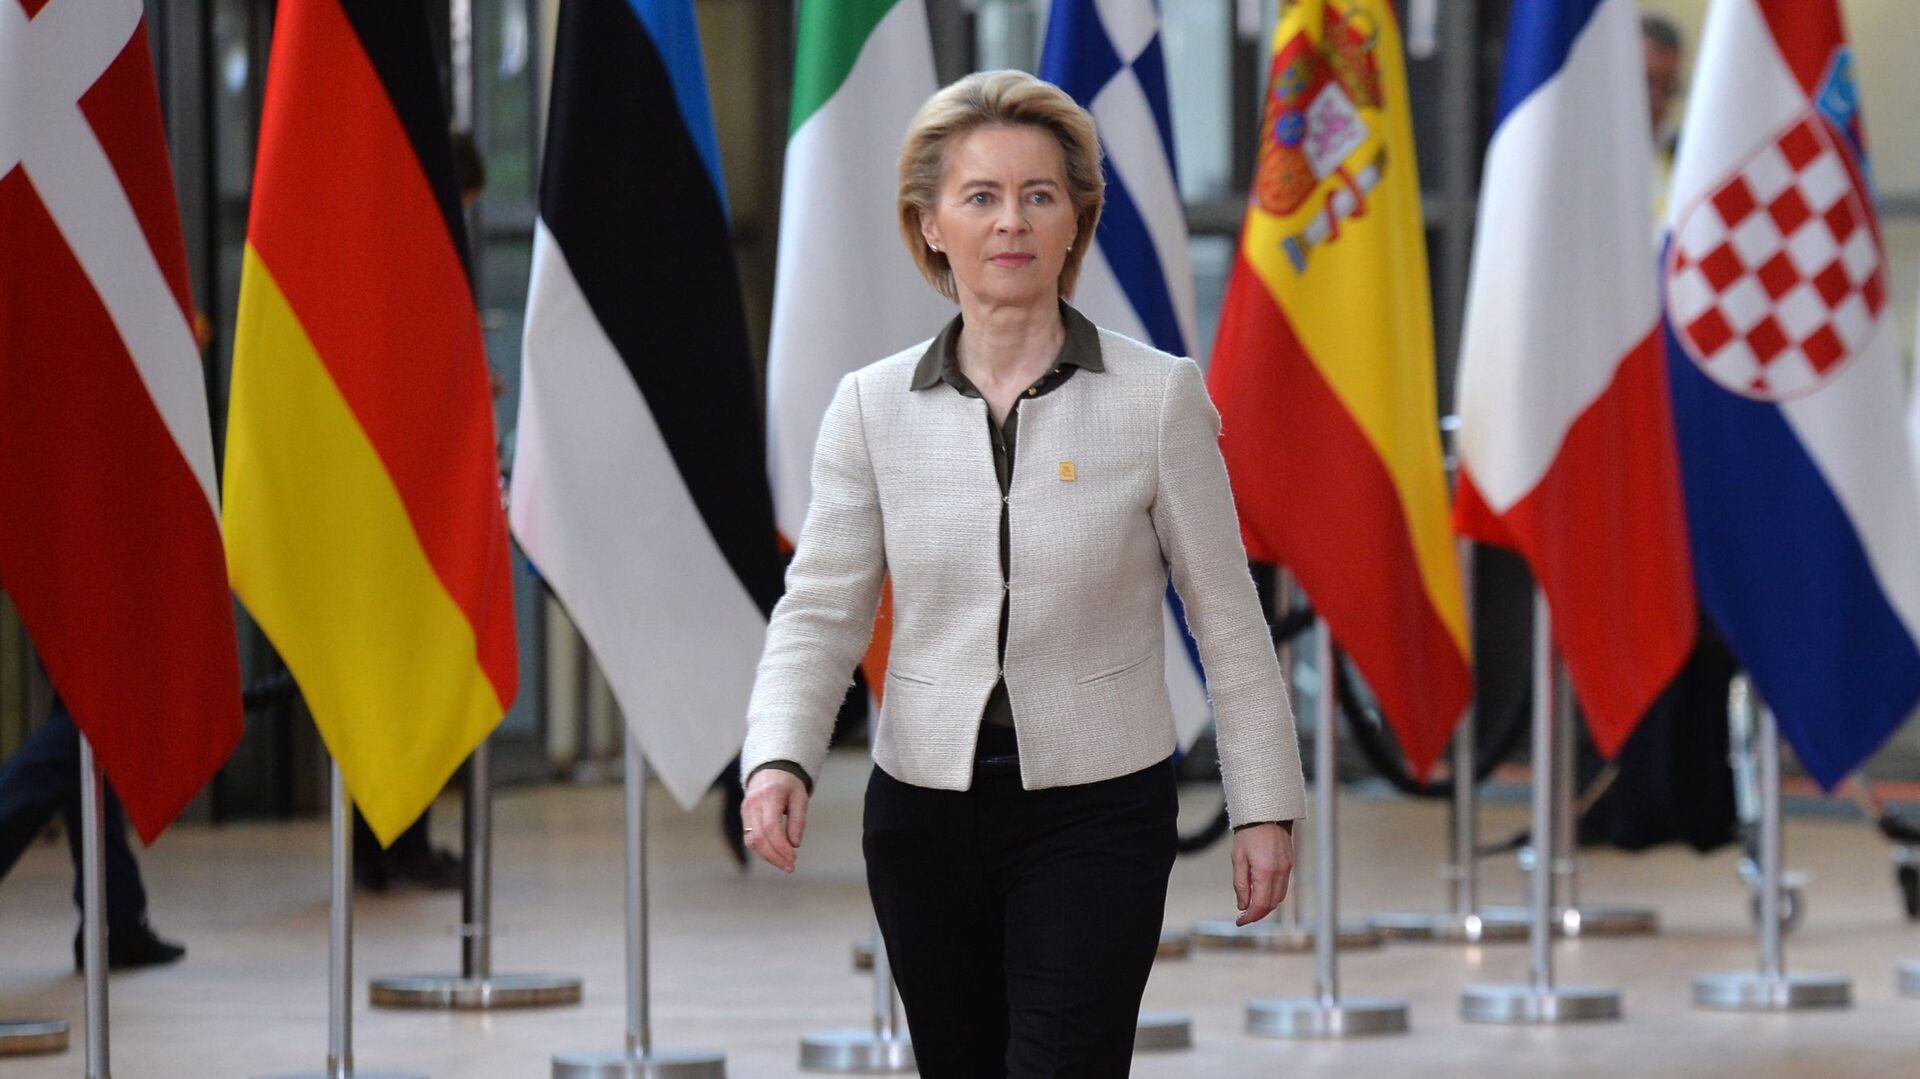 Předsedkyně Evropské komise Ursula von der Leyenová  - Sputnik Česká republika, 1920, 18.06.2021